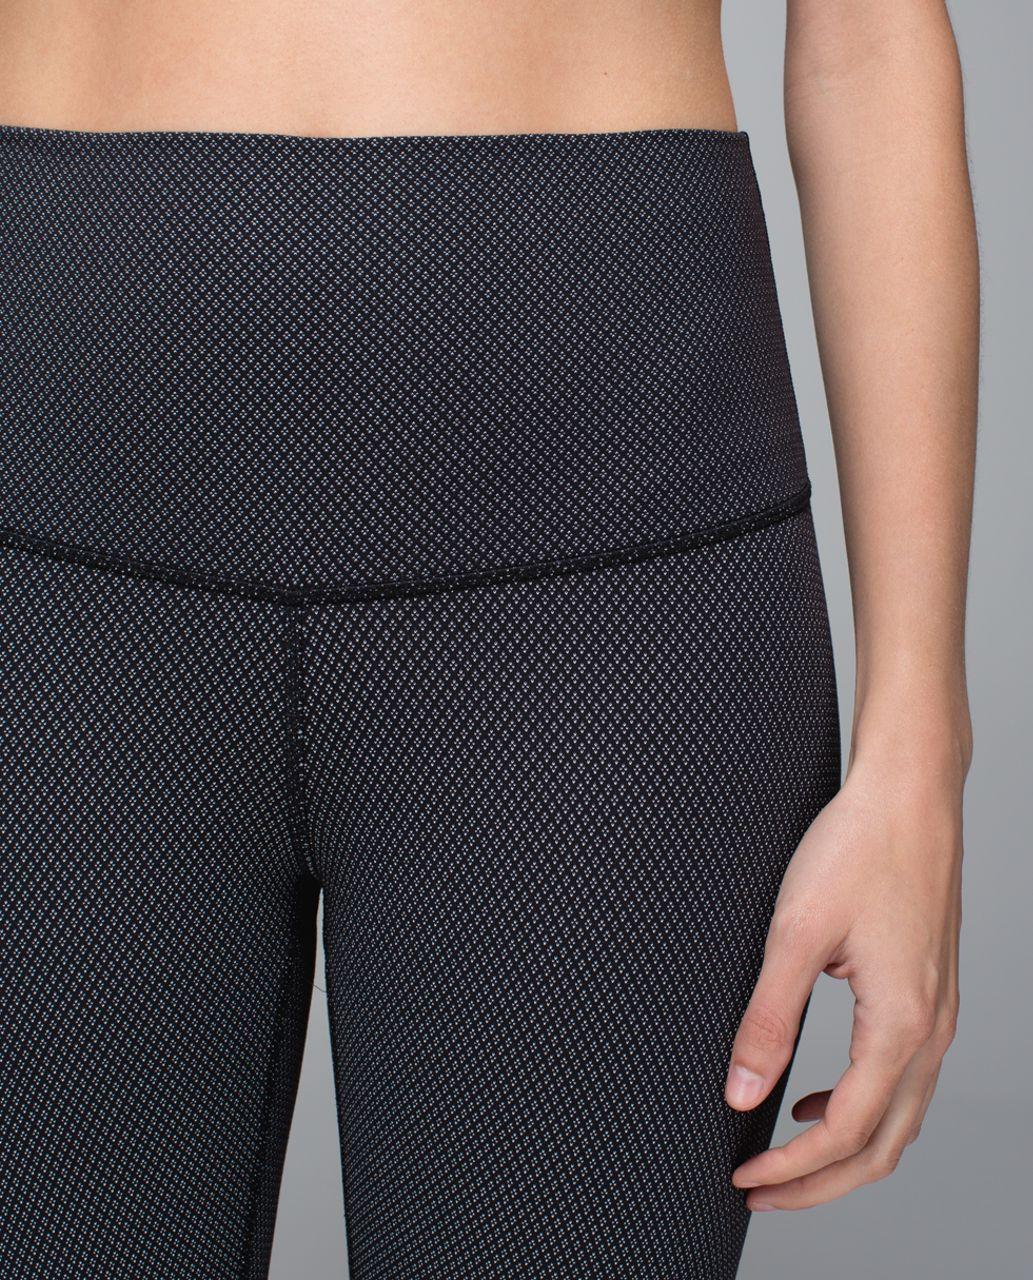 Lululemon Wunder Under Pant *Print (Roll Down) - Diamond Dot Black White